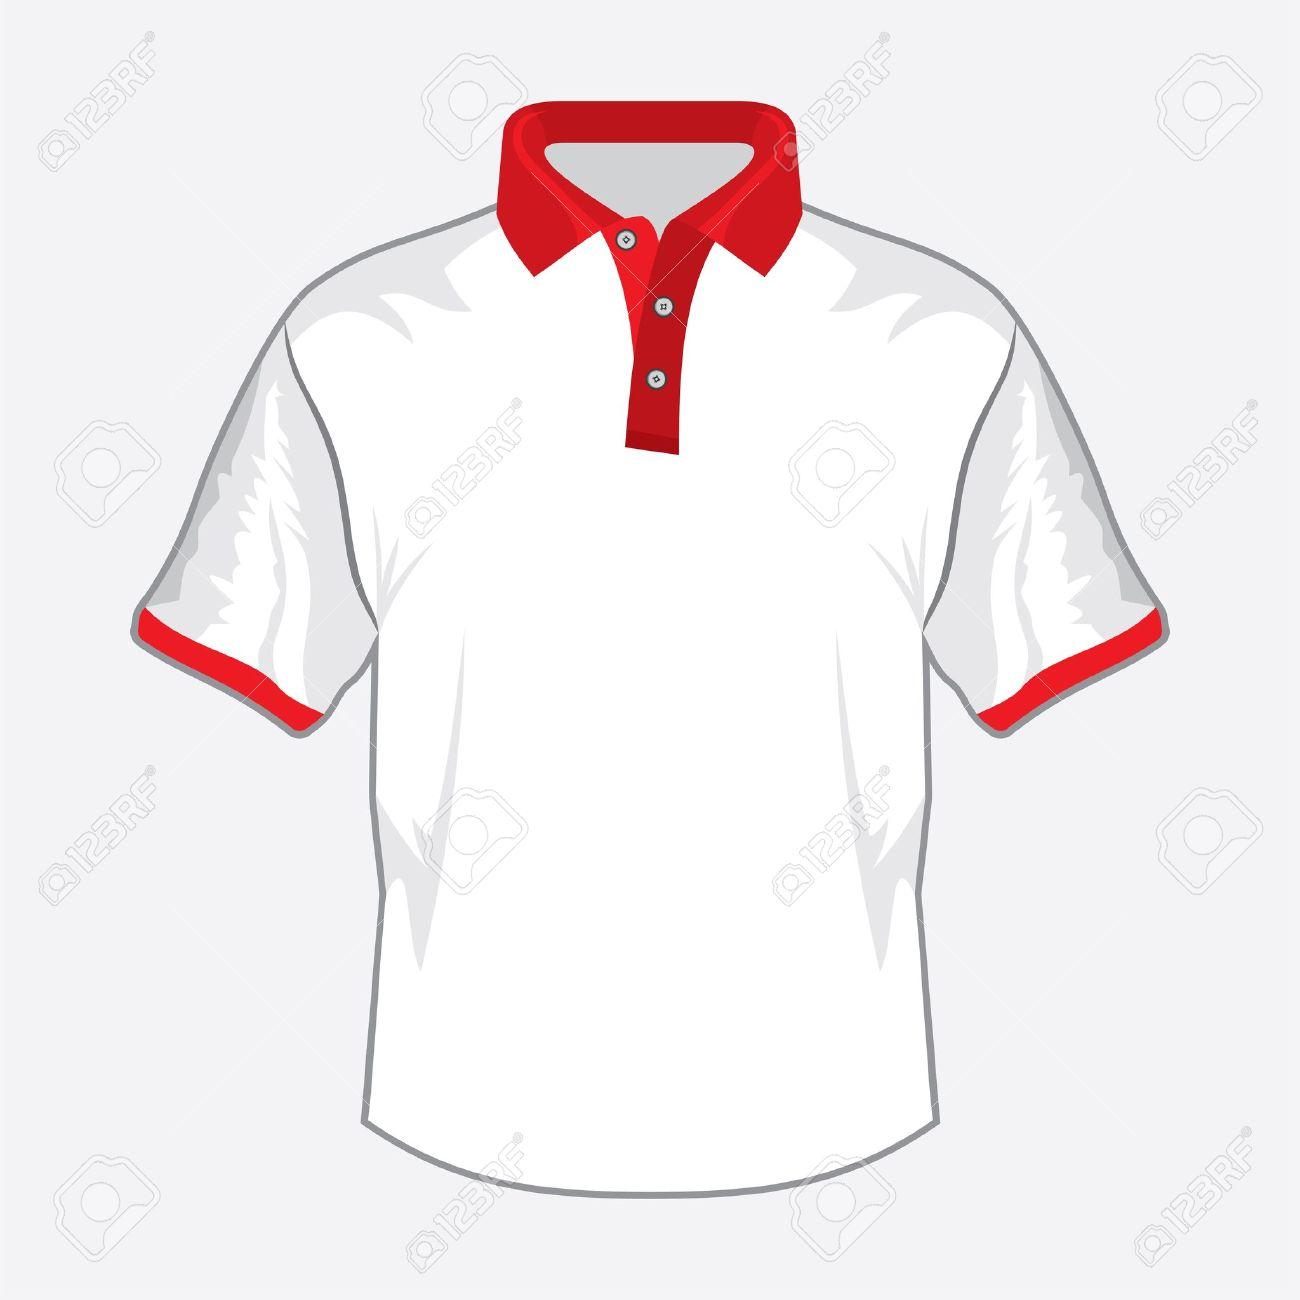 Weiß Polo-Shirt Design Mit Rotem Kragen Lizenzfrei Nutzbare ...